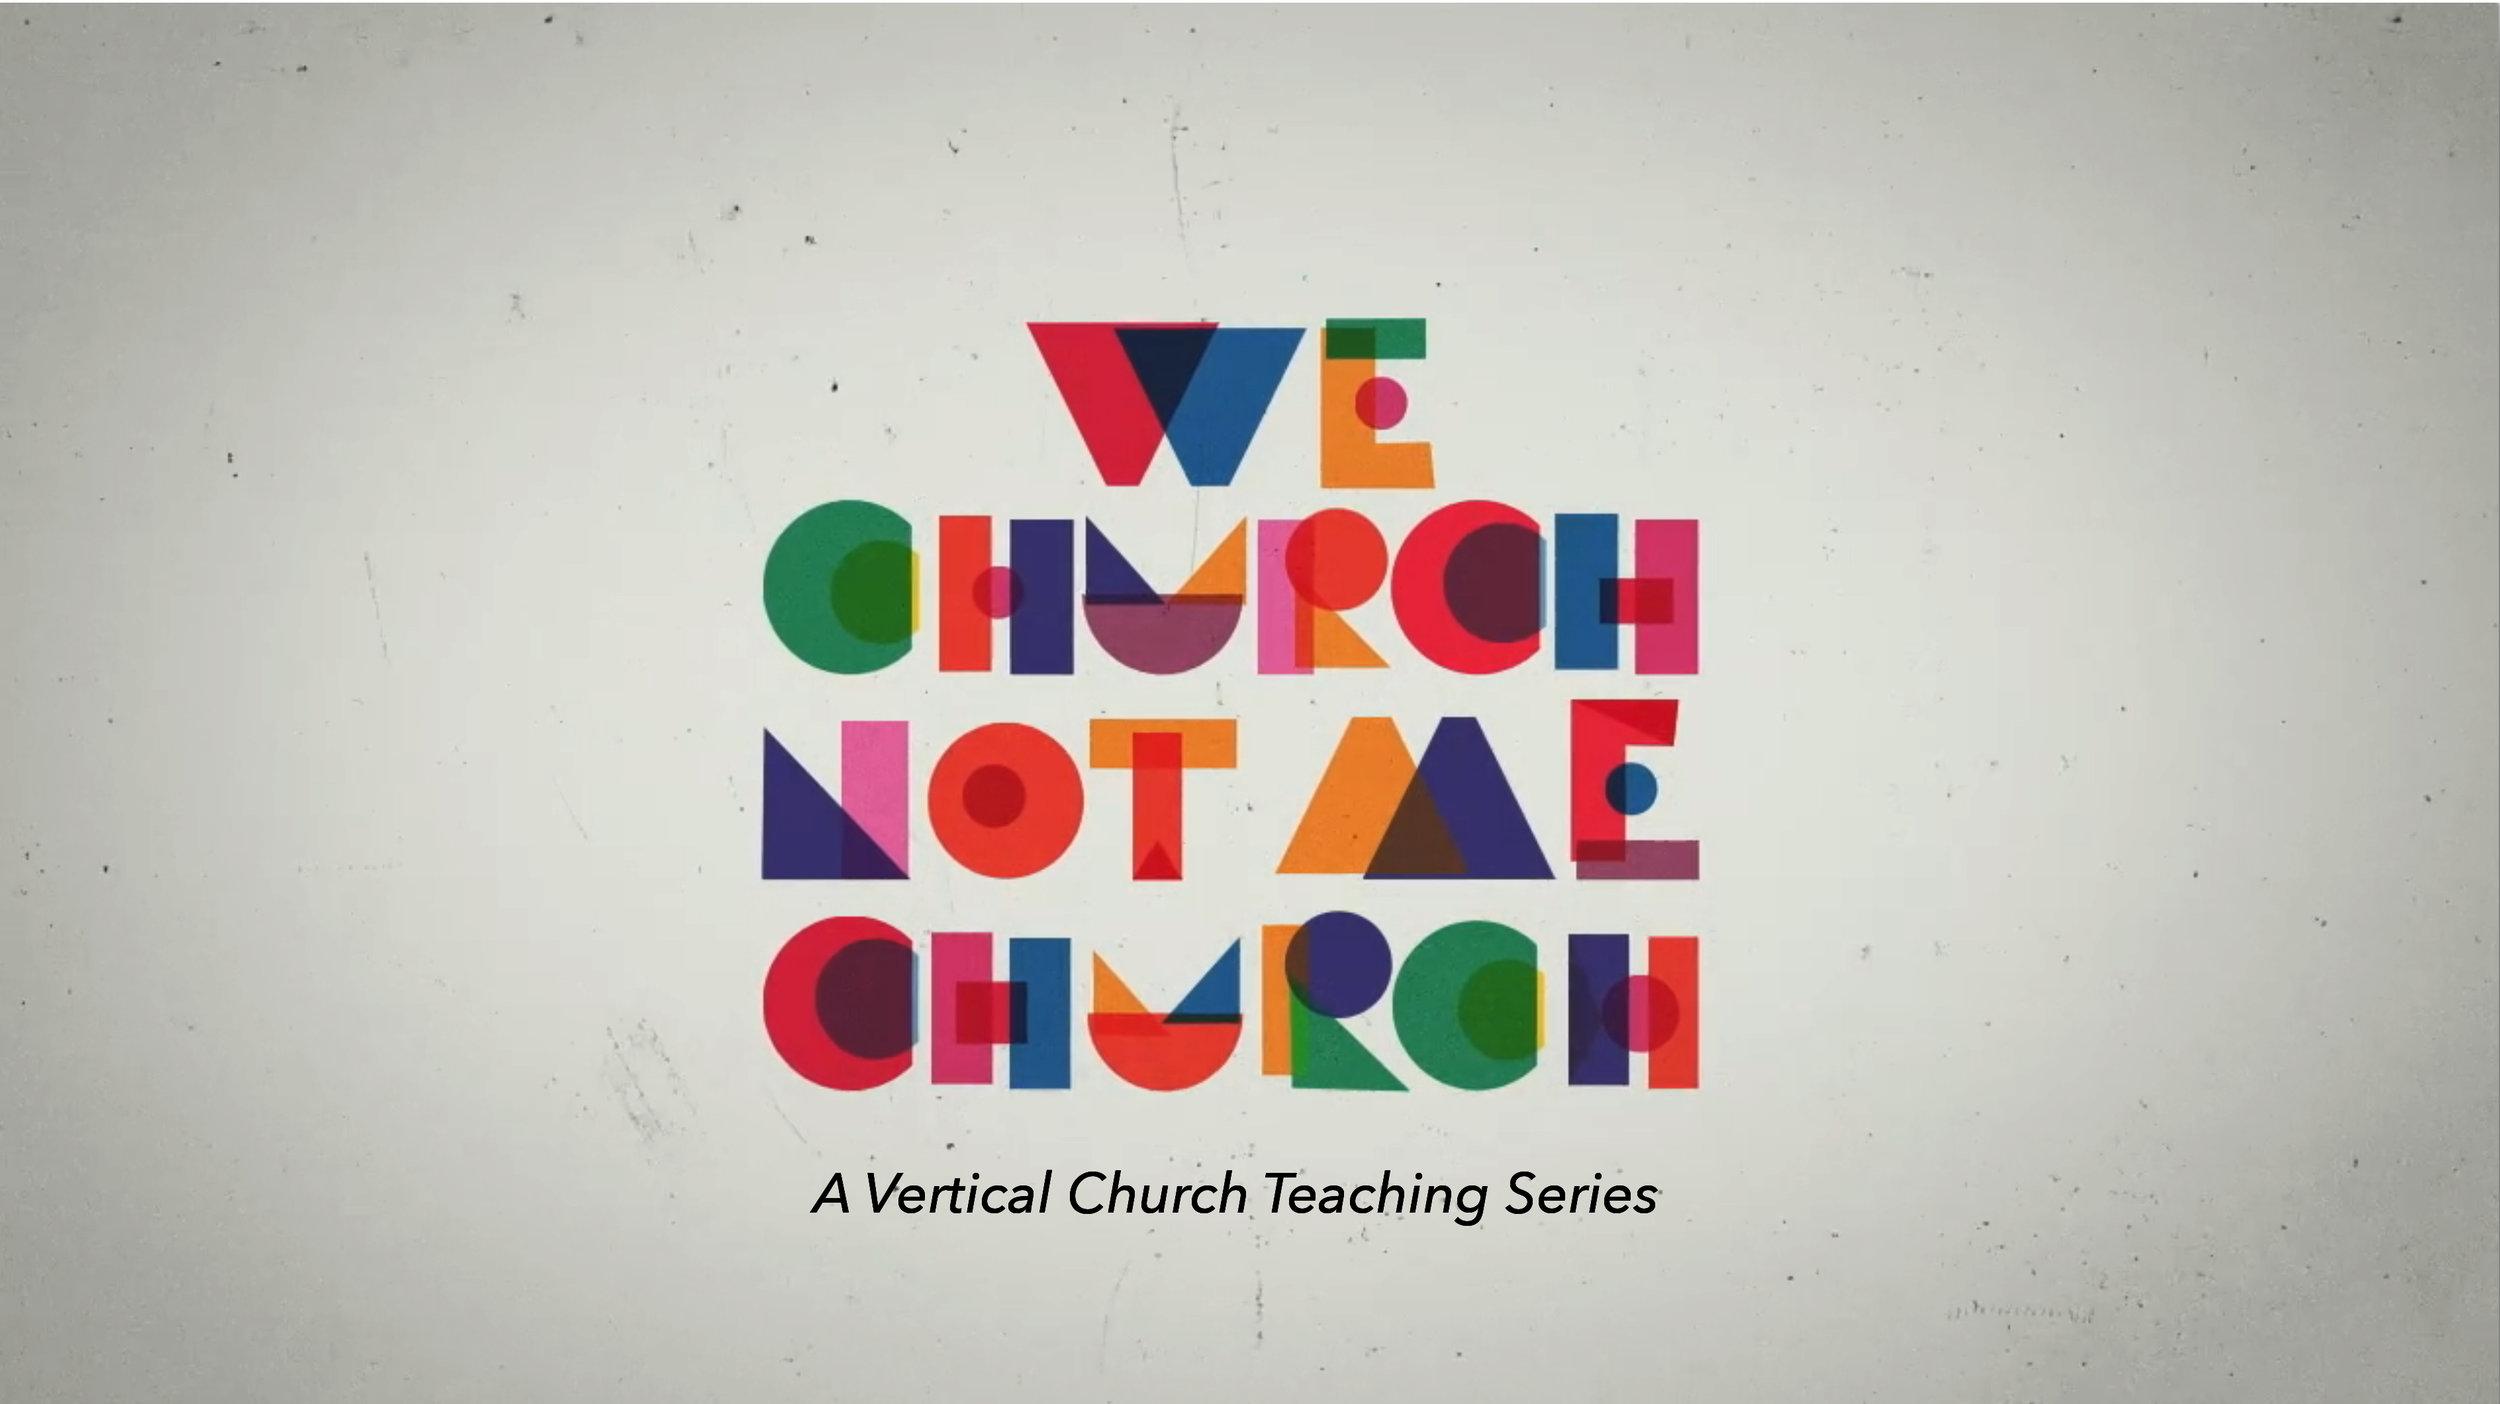 We Church, Not Me Church - October 2016